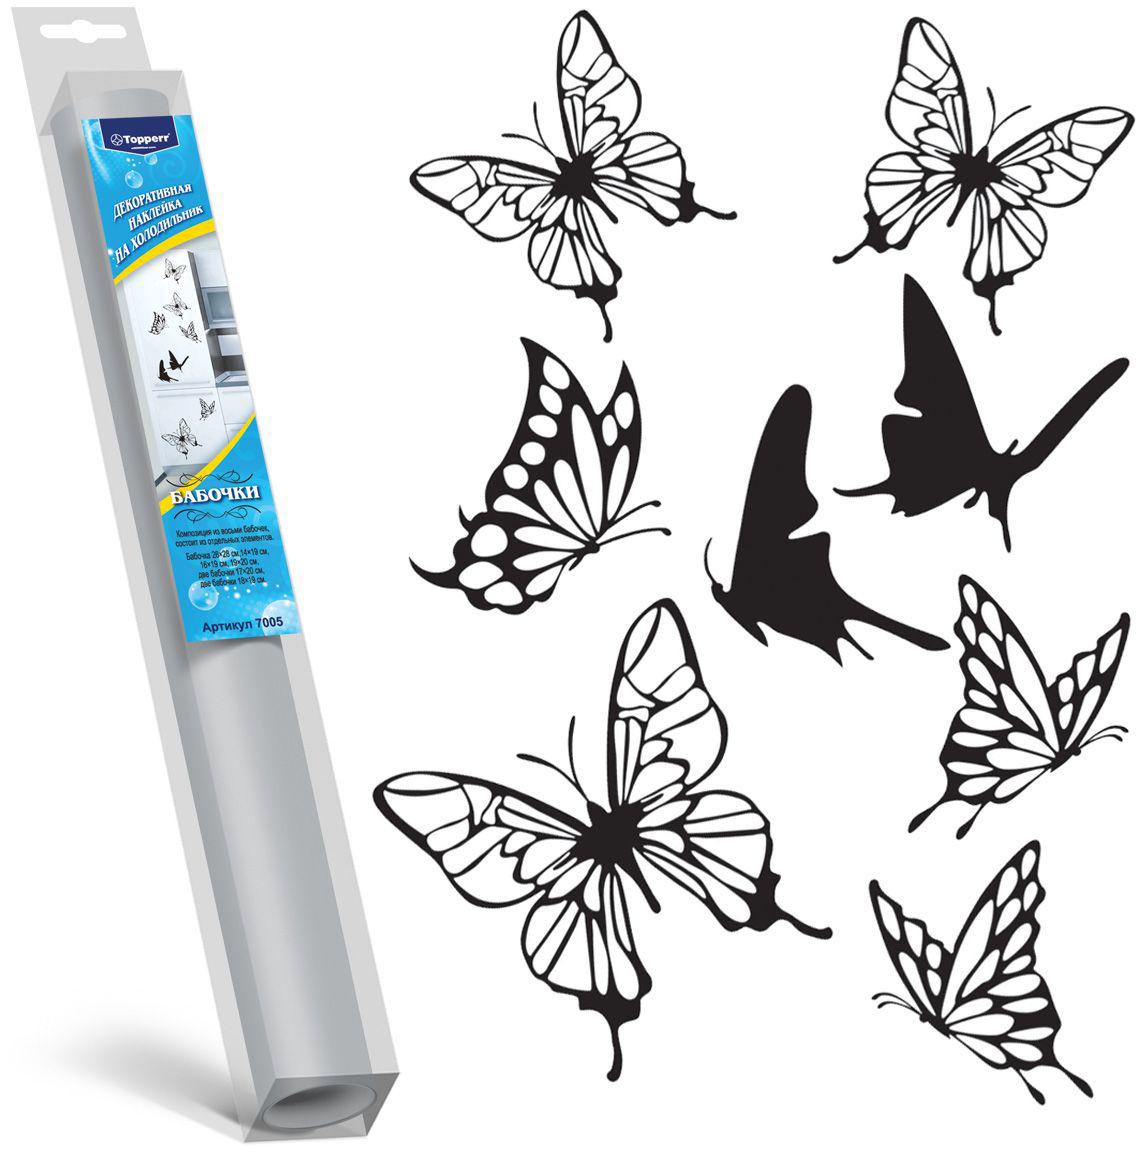 Наклейка для интерьера Topperr Бабочки7005Наклейка для стен и предметов интерьера Topperr Бабочки, изготовленная из экологически безопасной самоклеящейся виниловой пленки - это удивительно простой и быстрый способ оживить интерьер помещения. Композиция состоит из отдельных элементов.Интерьерные наклейки дадут вам вдохновение, которое изменит вашу жизнь и поможет погрузиться в мир ярких красок, фантазий и творчества. Для вас открываются безграничные возможности придумать оригинальный дизайн и придать новый вид стенам и мебели. Наклейки абсолютно безопасны для здоровья. Они быстро и легко наклеиваются на любые ровные поверхности: стены, окна, двери, кафельную плитку, виниловые и флизелиновые обои, стекла, мебель. При необходимости удобно снимаются, не оставляют следов и не повреждают поверхность (кроме бумажных обоев). Наклейка Topperr Бабочки поможет вам изменить интерьер вокруг себя: в детской комнате и гостиной, на кухне и в прихожей, витрину кафе и магазина, детский садик и офис.Способ применения:Достаньте композицию из упаковки. Наклеивать нужно на чистую и сухую поверхность. Аккуратно отделите рисунок от бумаги. Смочите оборотную сторону мыльным раствором. Начинать приклеивать композицию лучше сверху. Приклеивайте рисунок на поверхность, тщательно разглаживания композицию по направлению от середины к краям.Размеры элементов: 26 х 28 см, 14 х 19 см, 16 х 19 см, 19 х 20 см, 17,5 х 20 см - шт, 18 х 19 см - 2 шт.